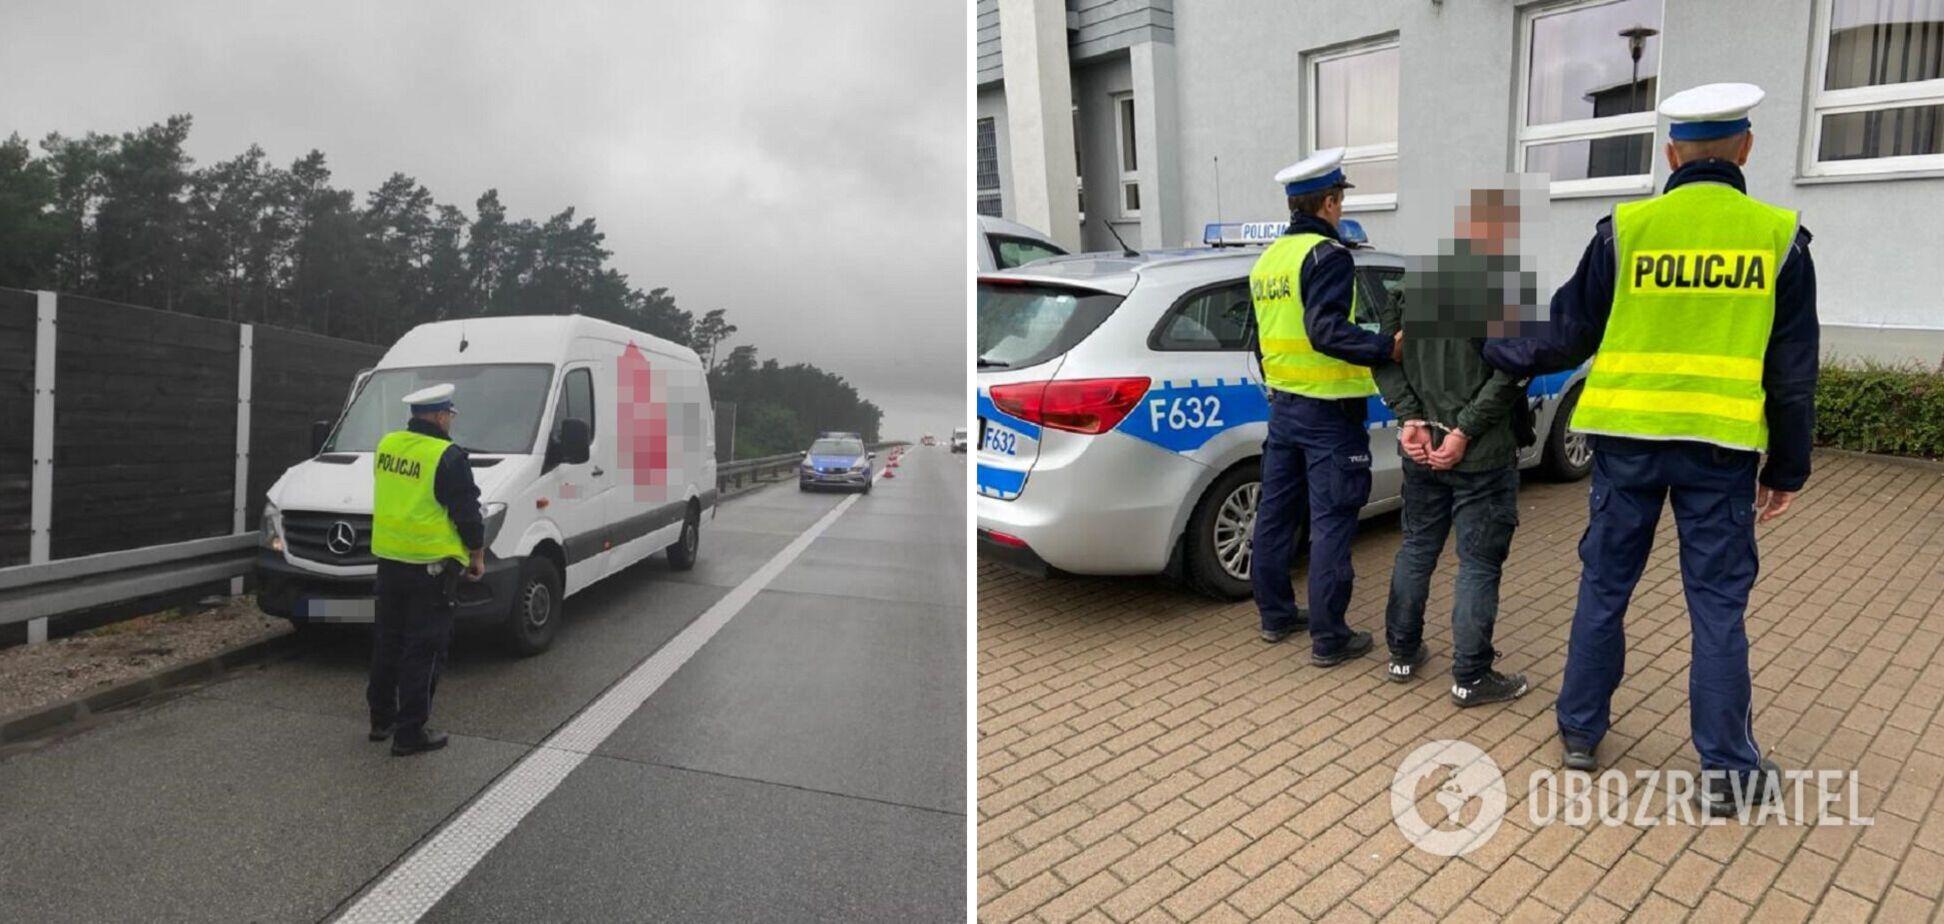 У Польщі затримали українця, який намагався втекти на викраденому авто. Фото